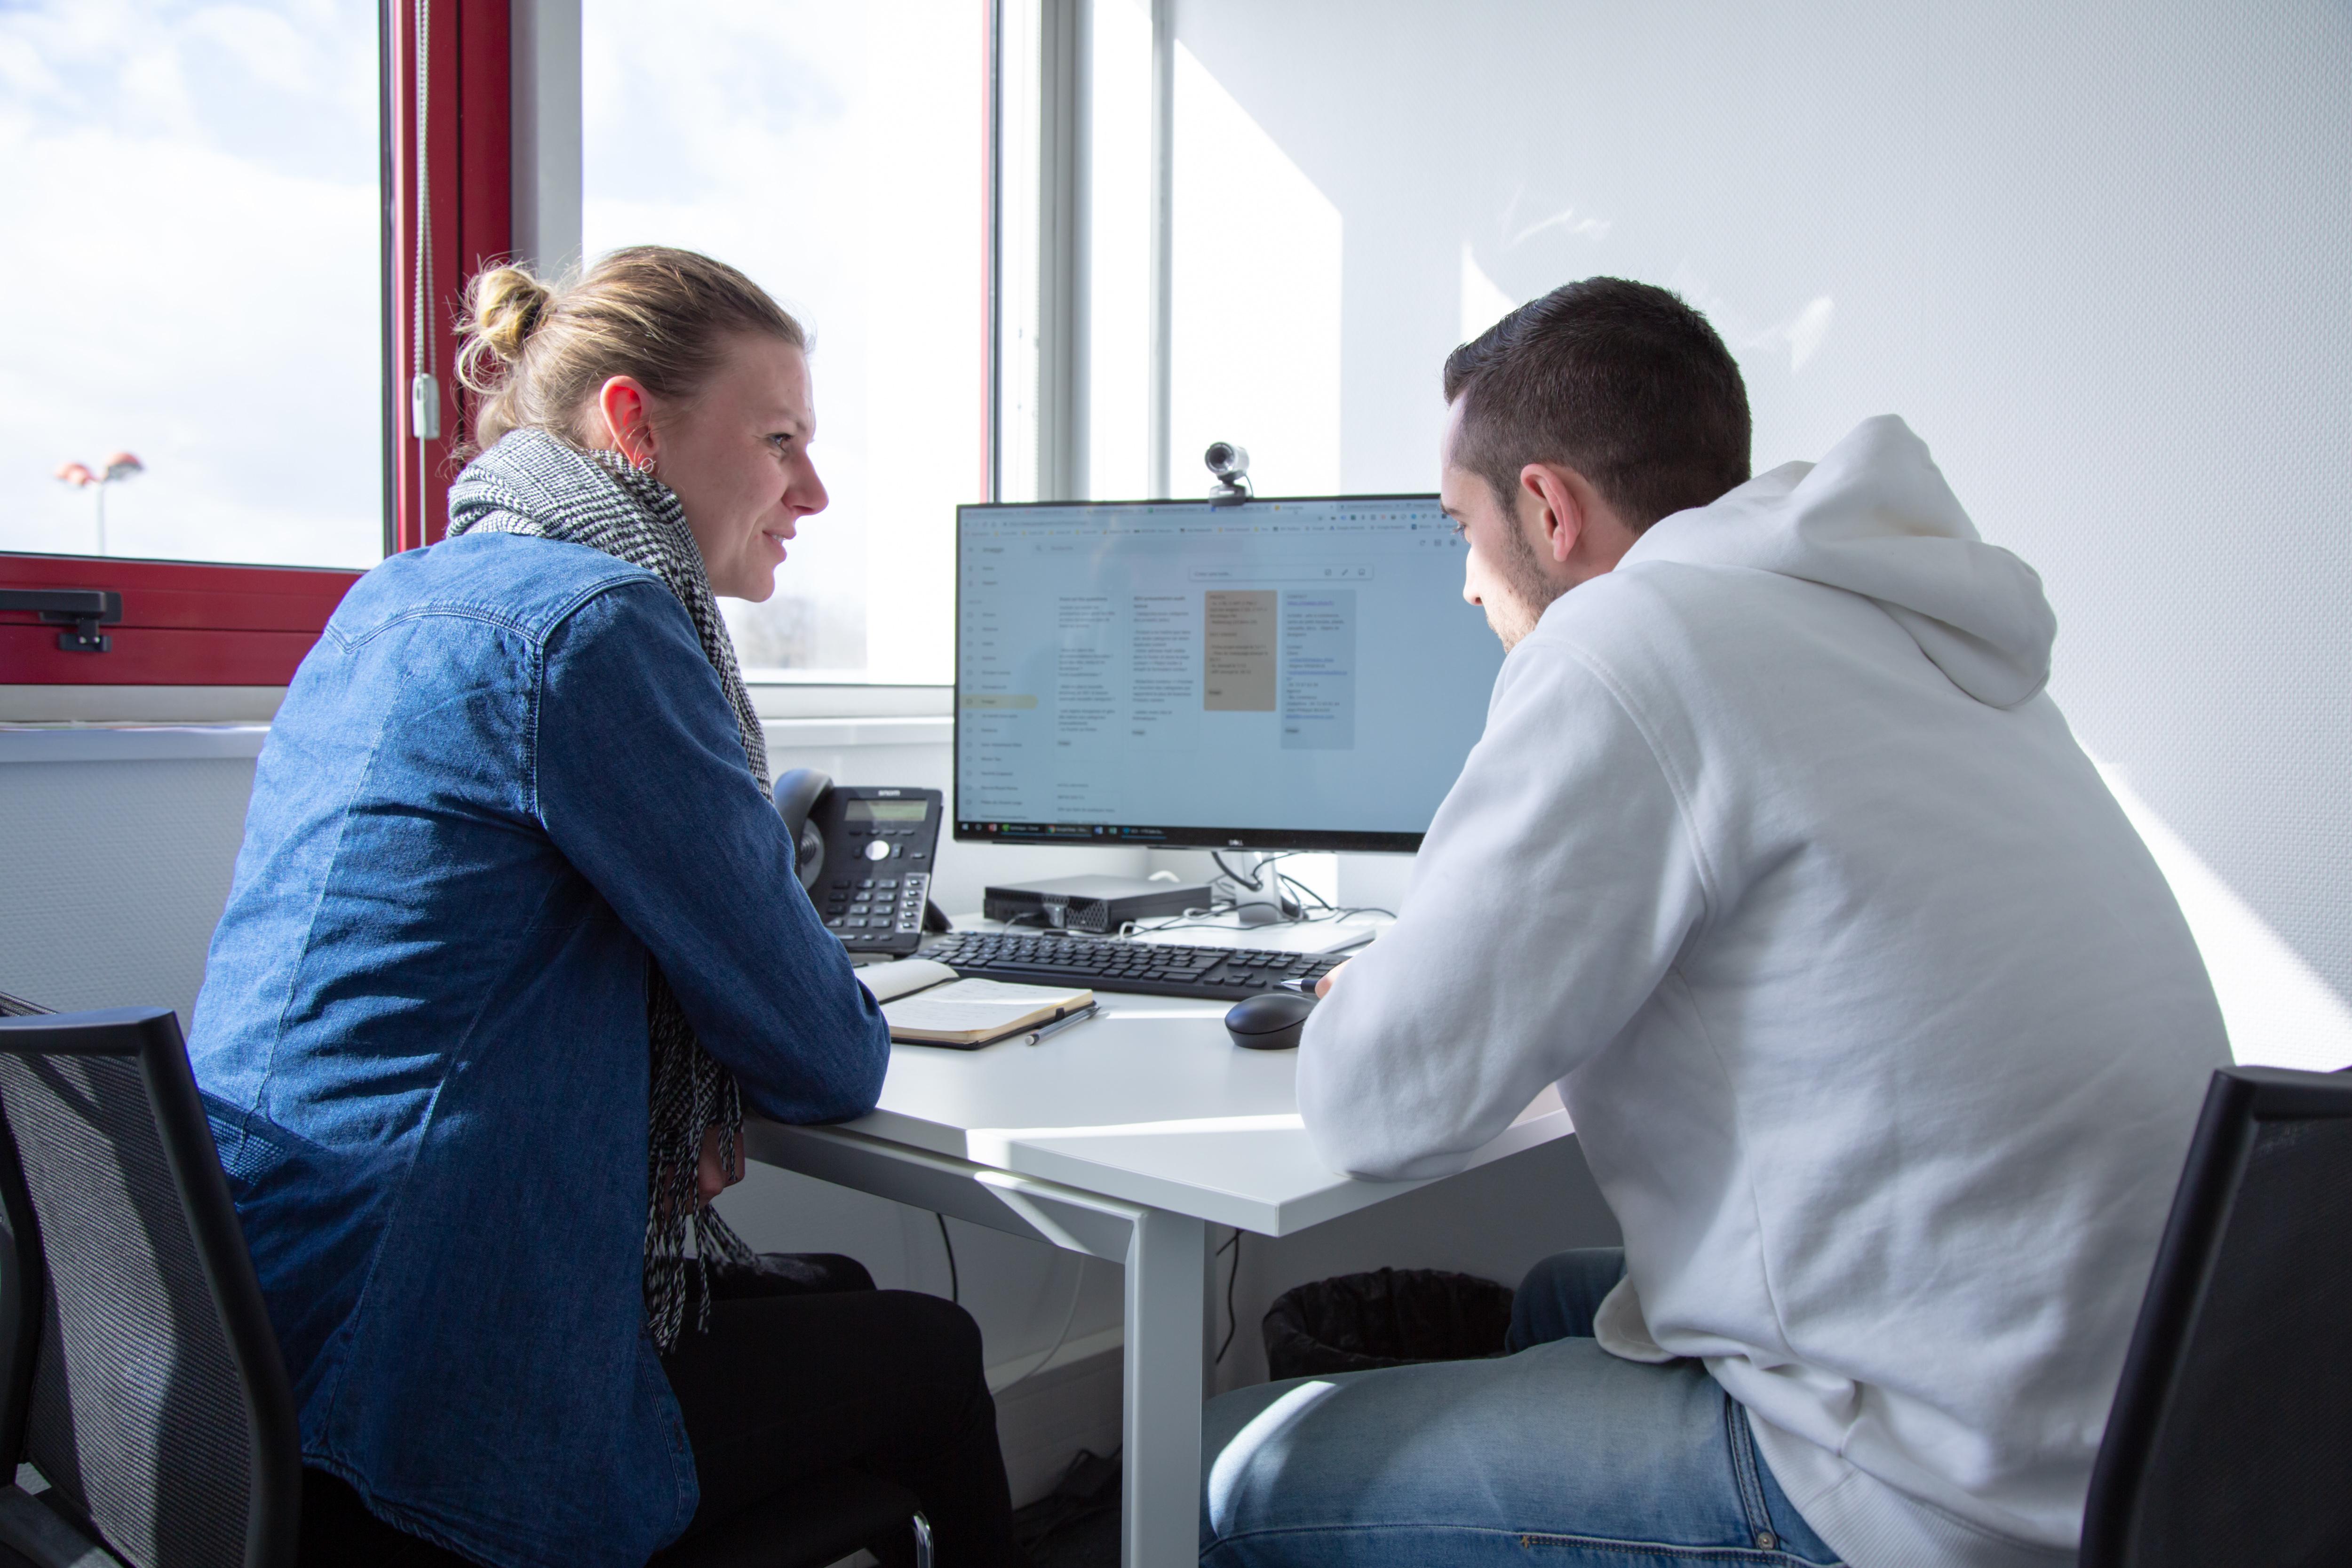 Deux collaborateurs de notre agence digitale de Rennes en réunion face à un ordinateur présentant un planning